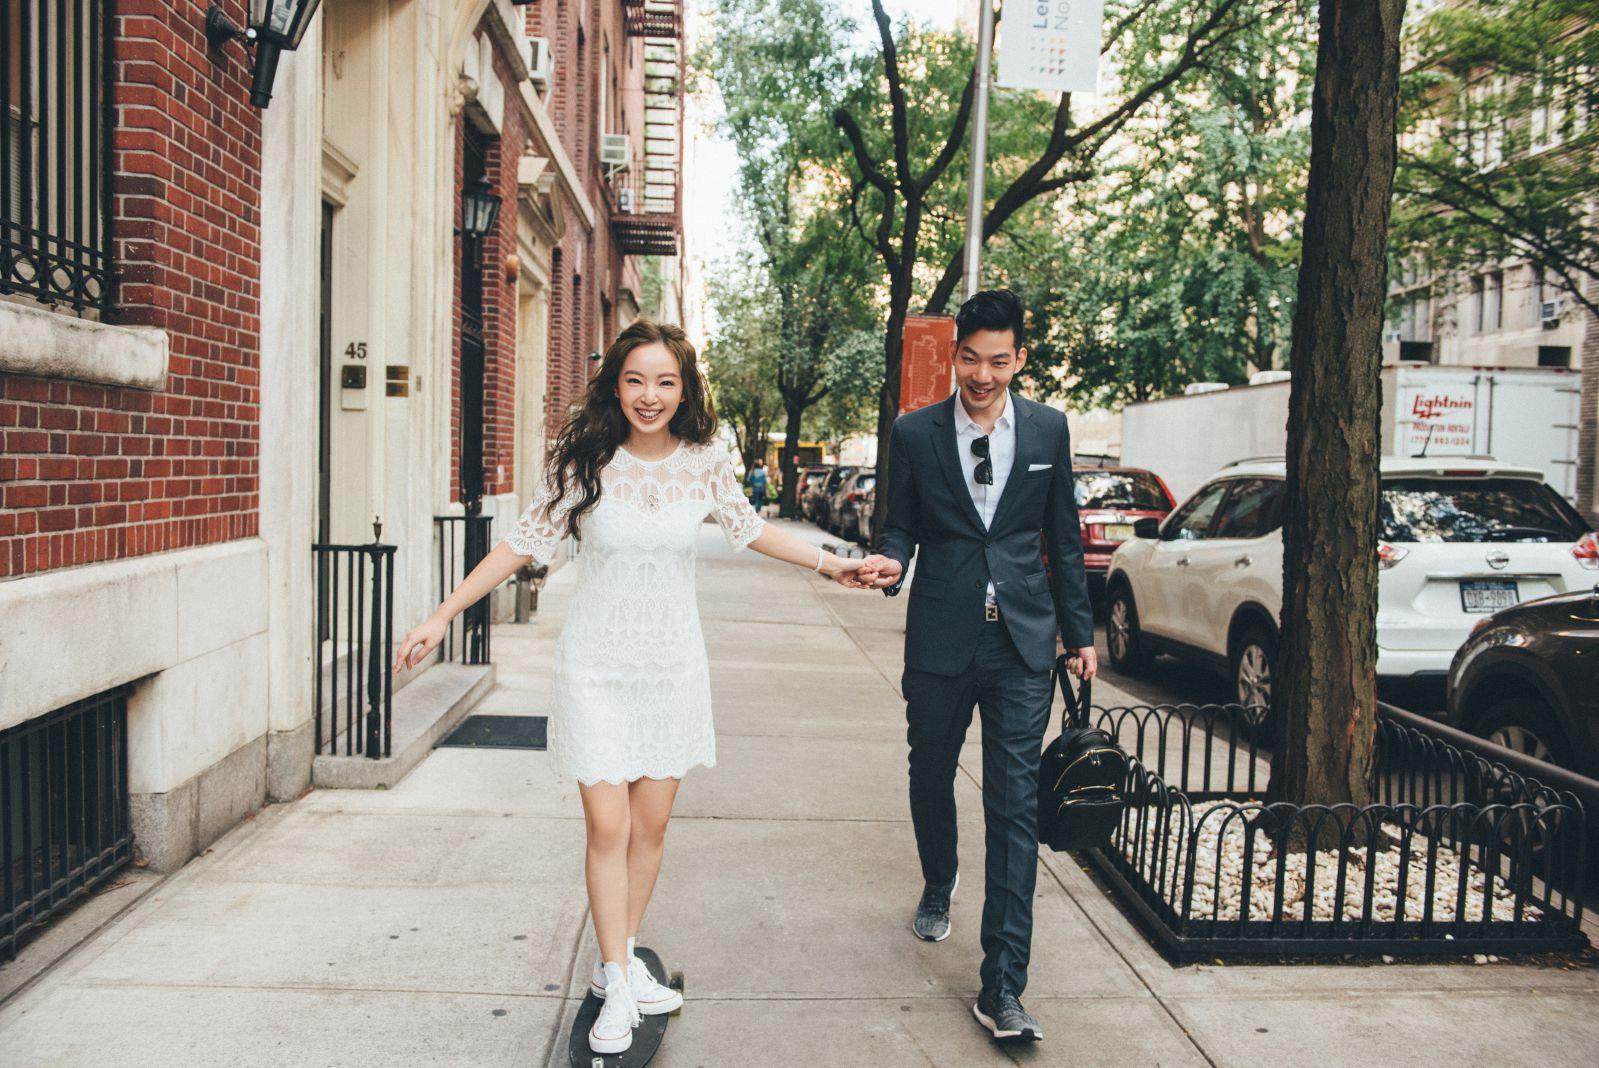 紐約街景婚紗拍攝